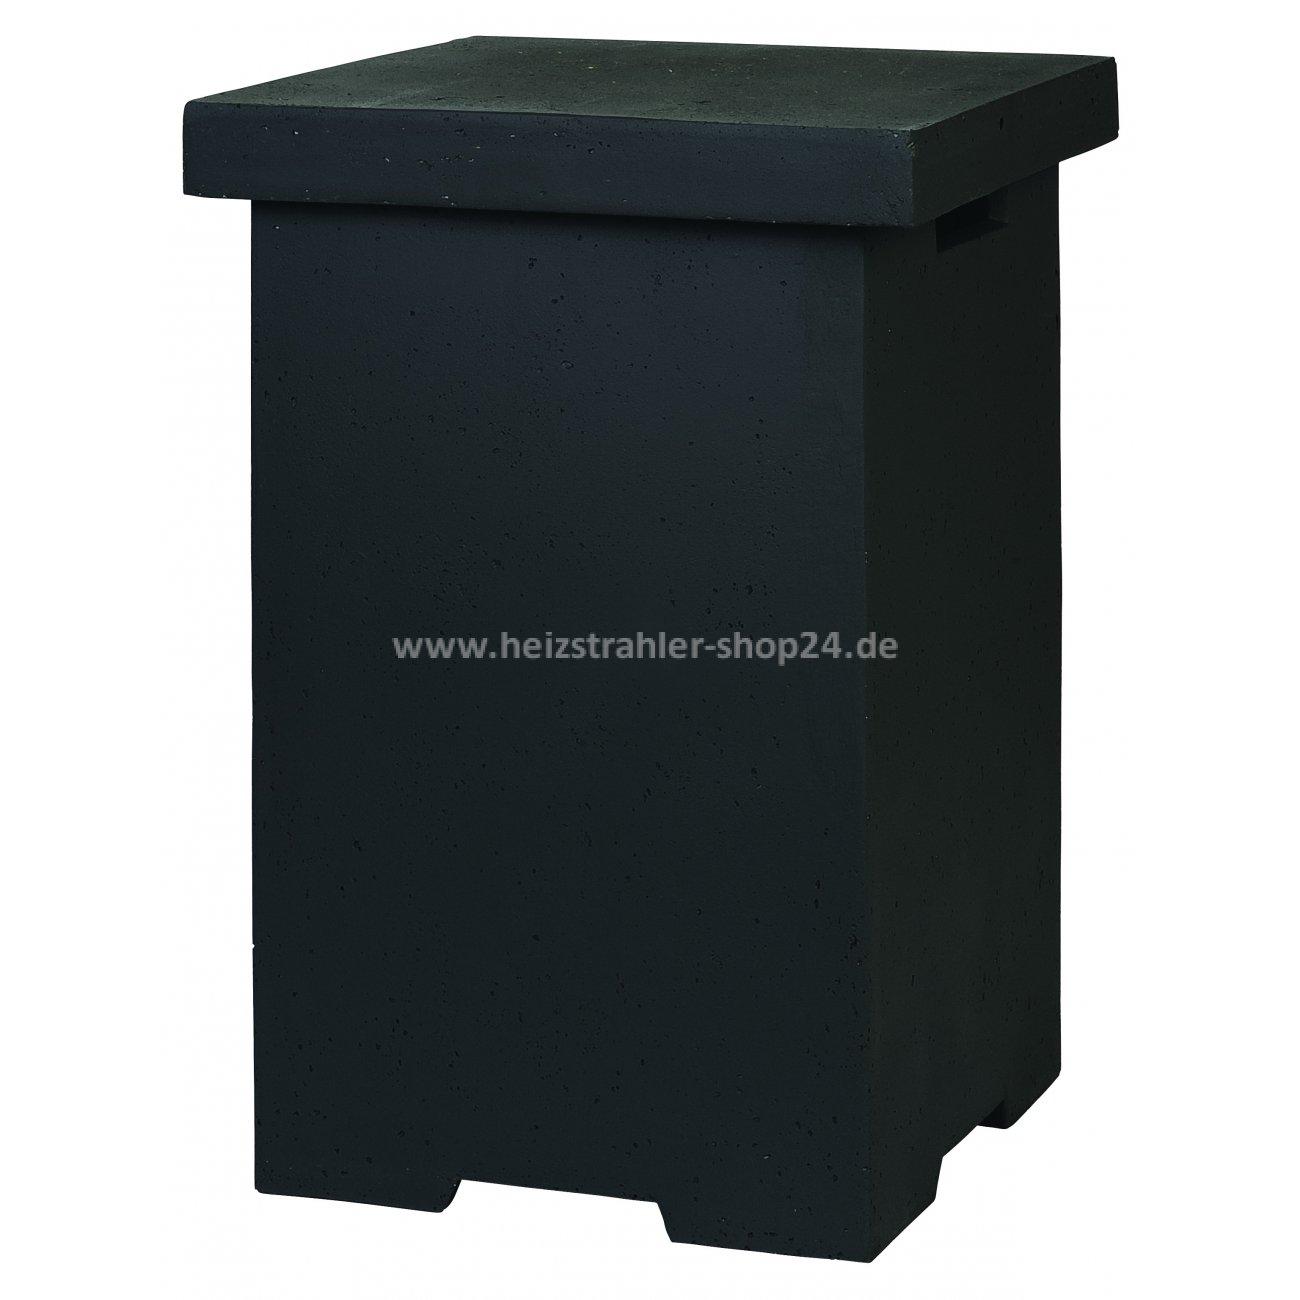 beistelltisch f r propangasflasche f r feuertische von happy cocooning. Black Bedroom Furniture Sets. Home Design Ideas